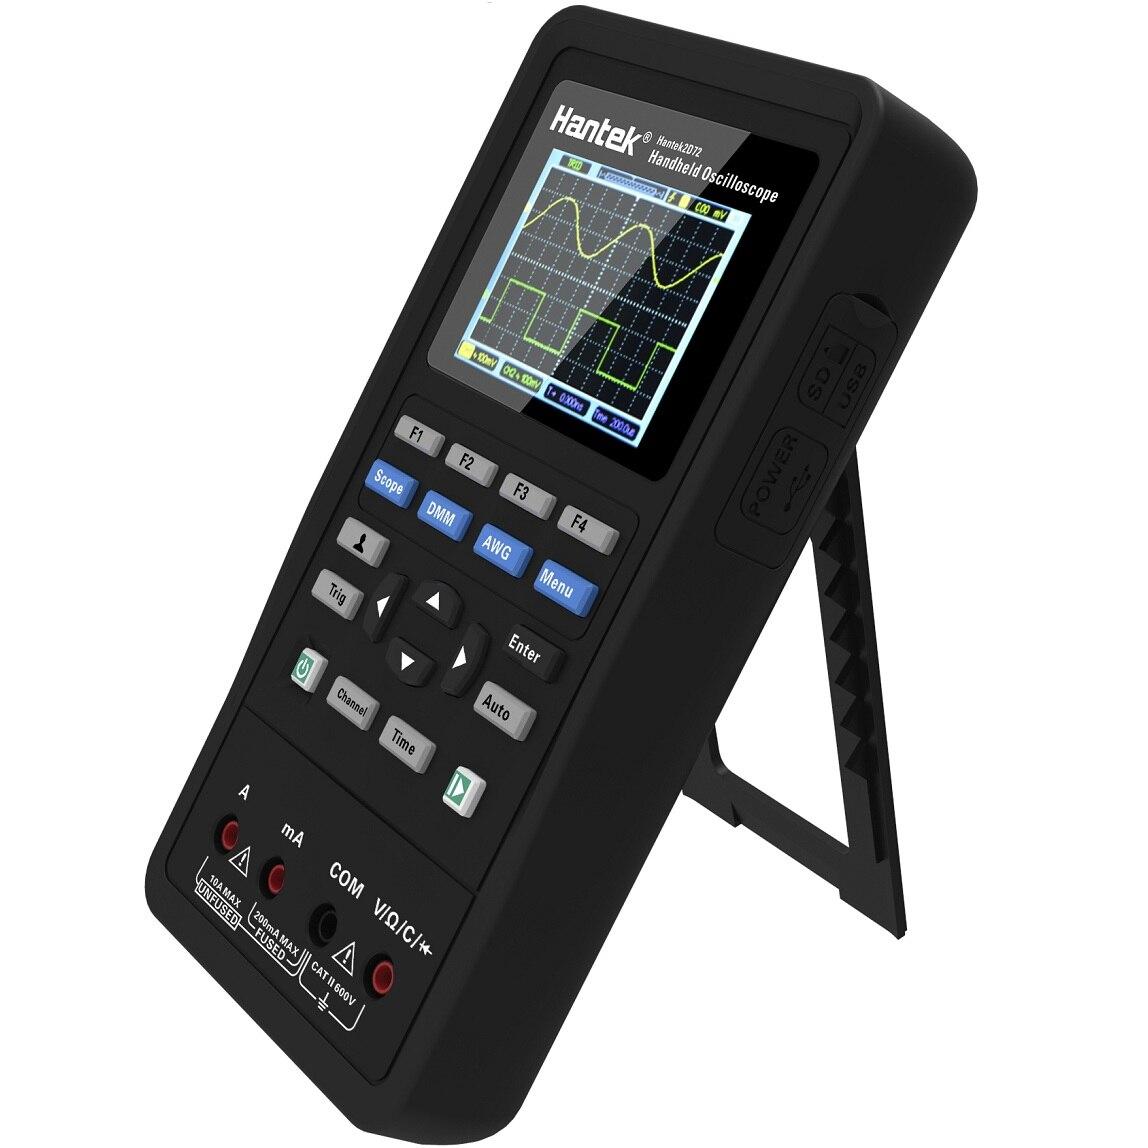 Hantek 3in1 Numérique Oscilloscope + Forme D'onde Générateur + Multimètre Portable USB 2 Canaux 40 mhz 70 mhz LCD Affichage Test outils de mètres